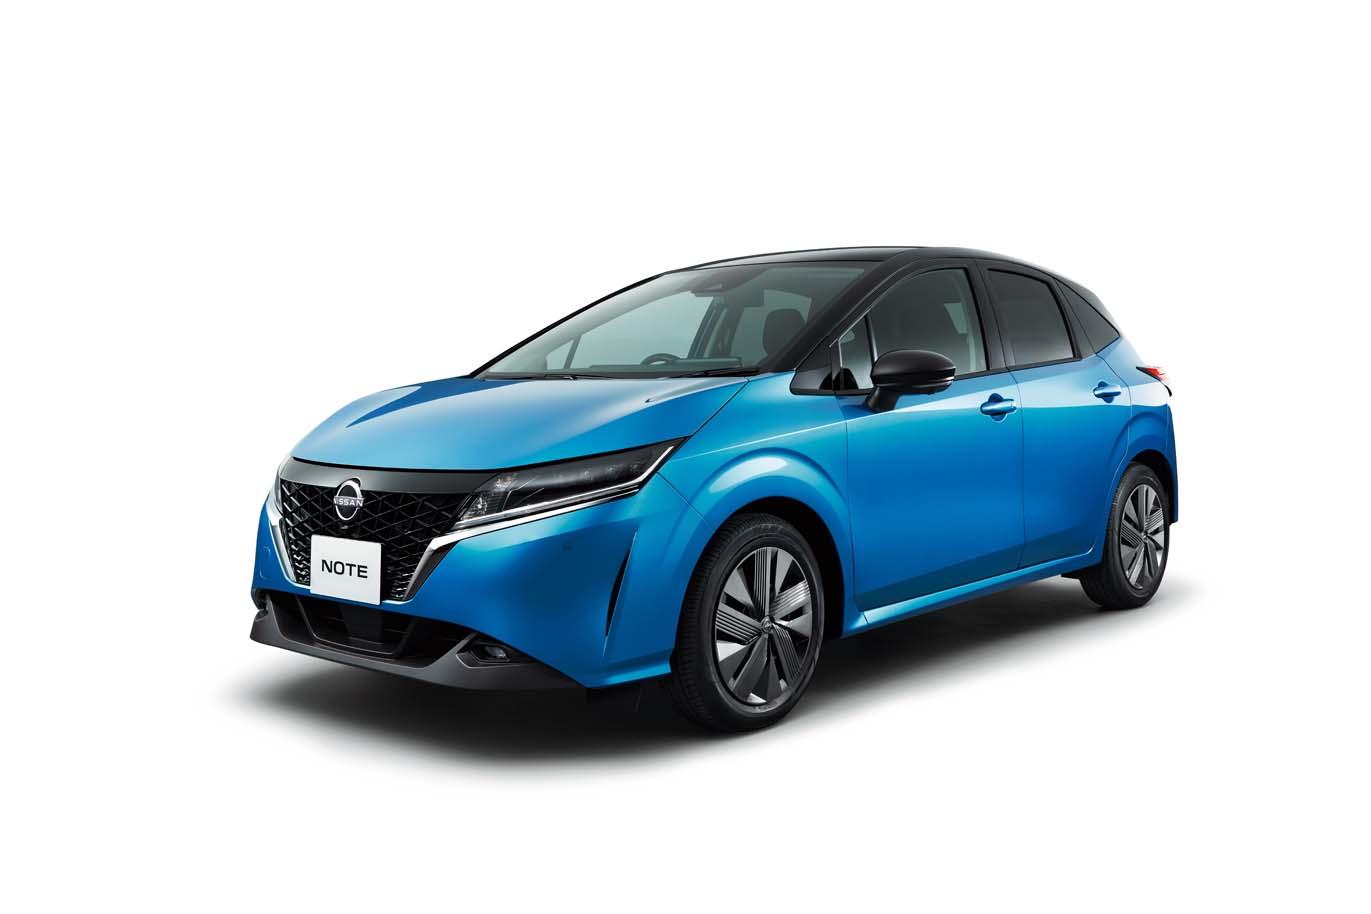 201124 01 001 Η Nissan λανσάρει το ολοκαίνουργιο NOTE στην Ιαπωνία Electric cars, electric vehicles, EV, Nissan, Nissan Note, Note, ειδήσεις, καινούργιο, καινούρια, καινούριο